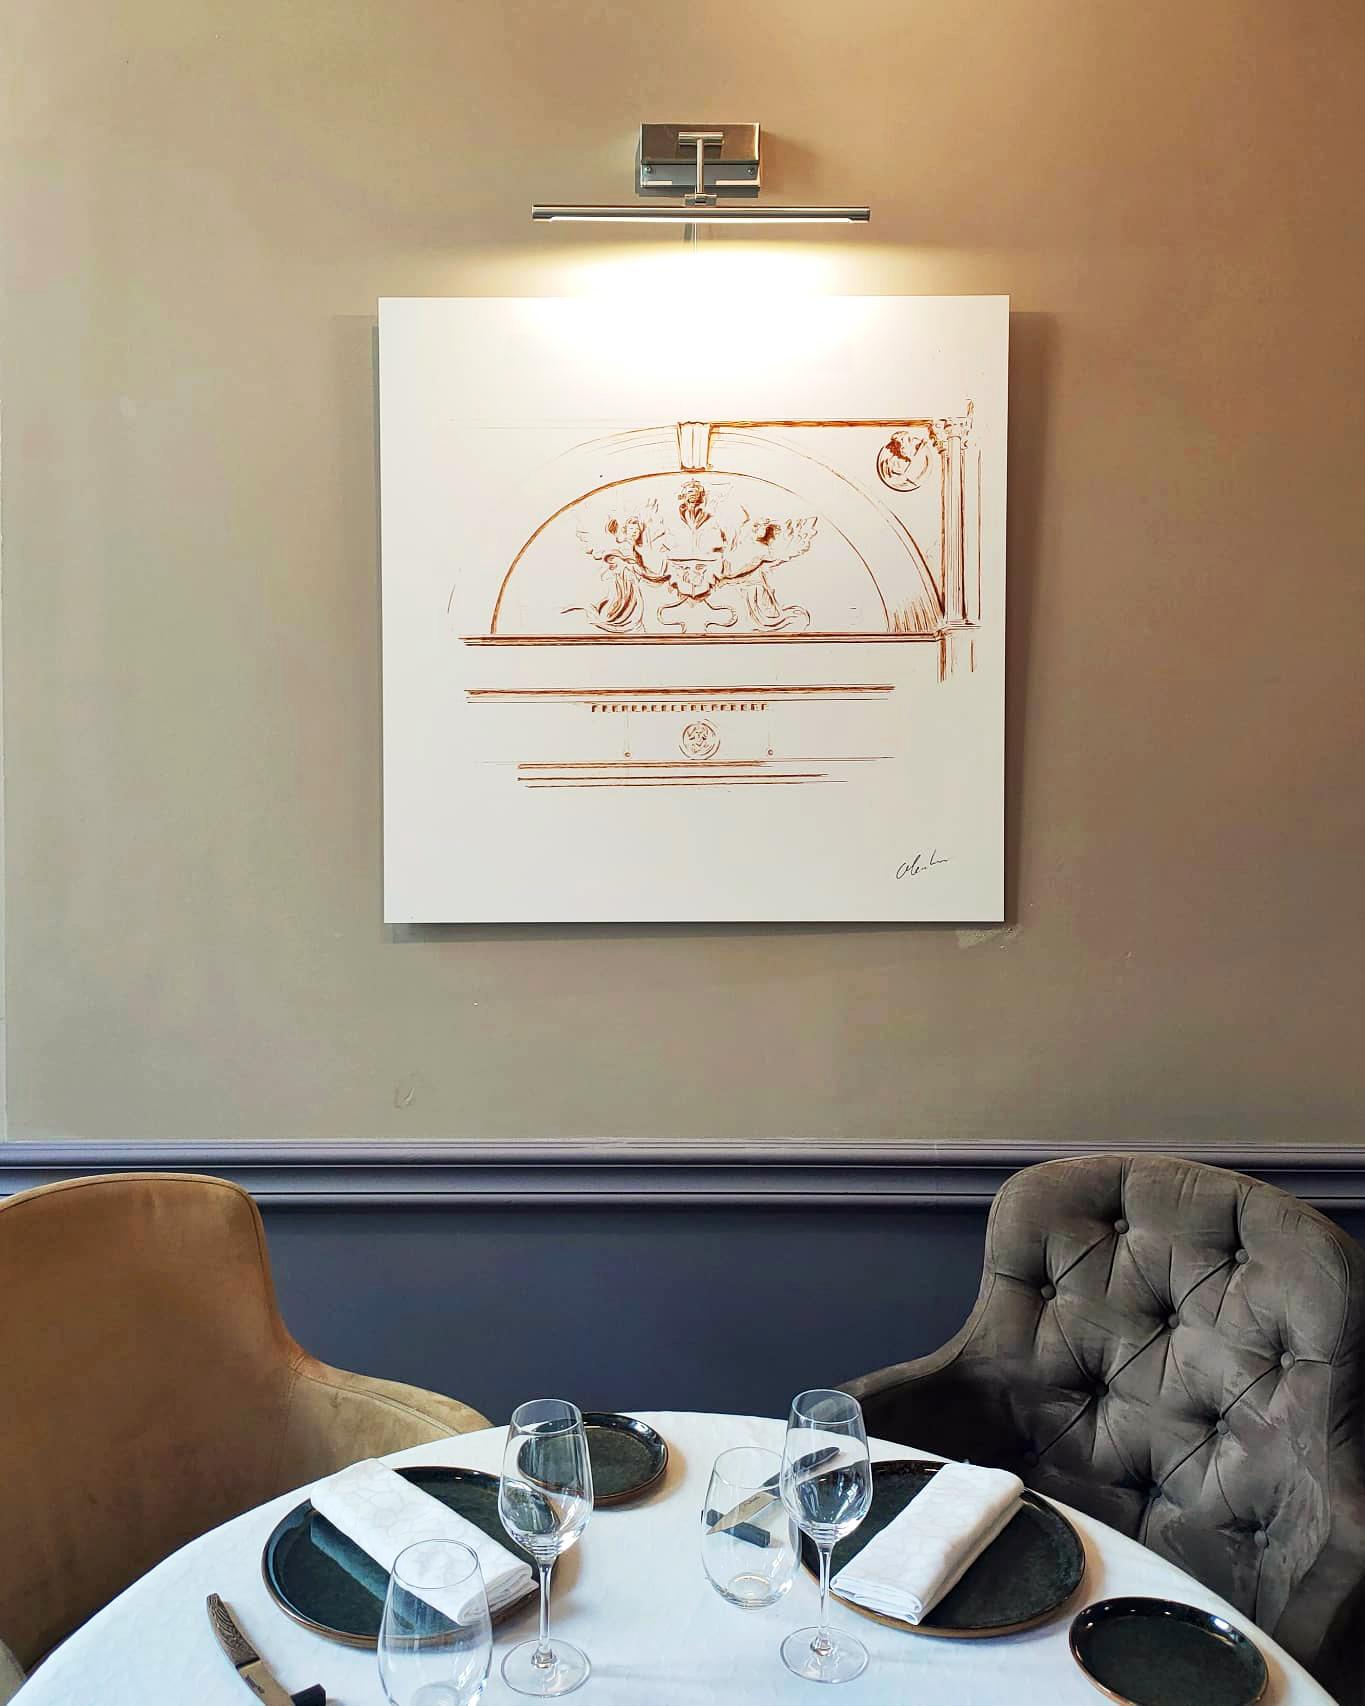 """Photographie du dessin intitulé """"La Cheminée du Cénacle"""" exposé au restaurant Le Cénacle de Toulouse"""